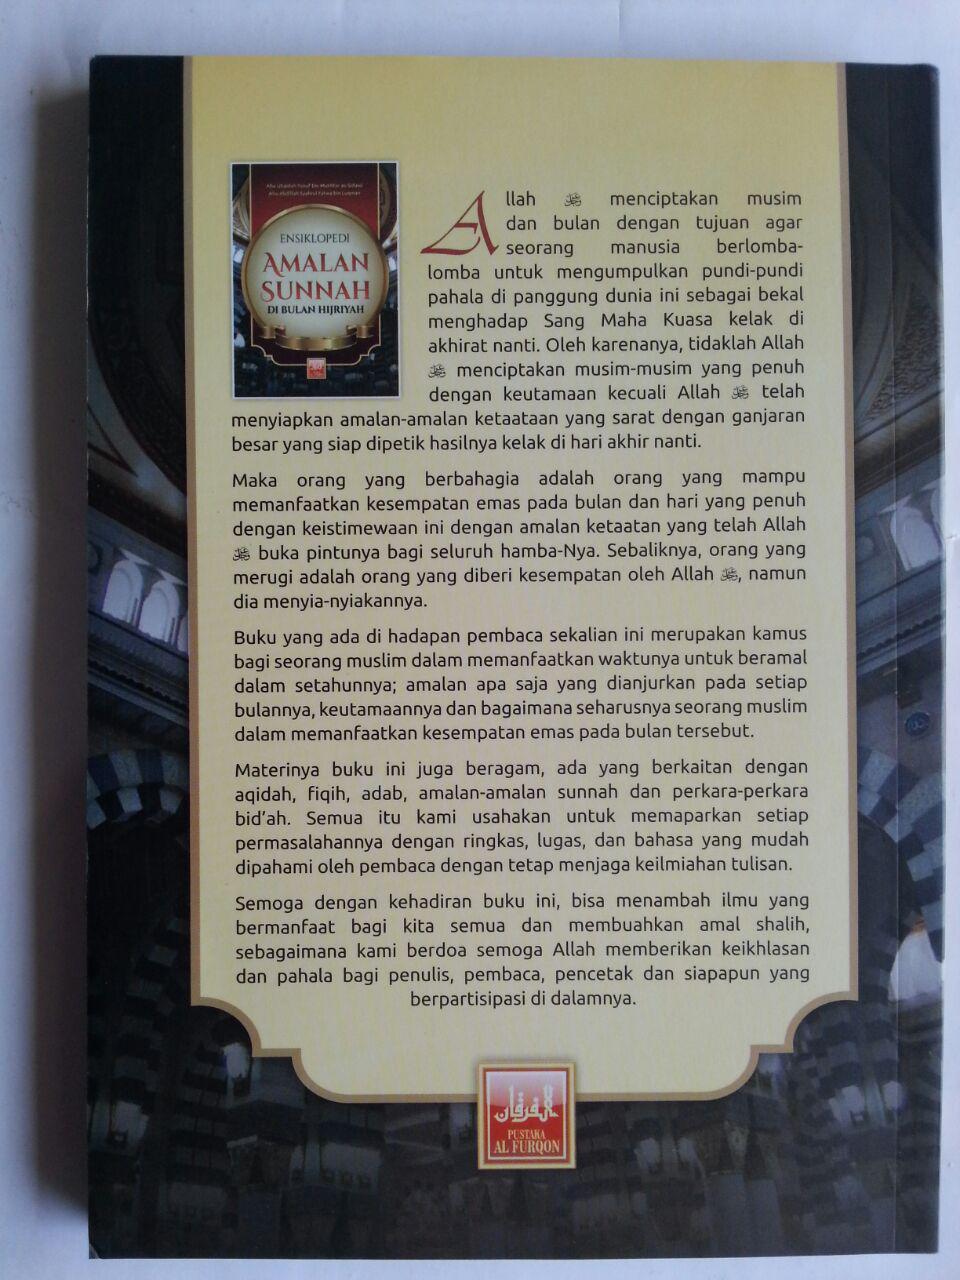 Buku Ensiklopedi Amalan Sunnah Di Bulan Hijriah cover